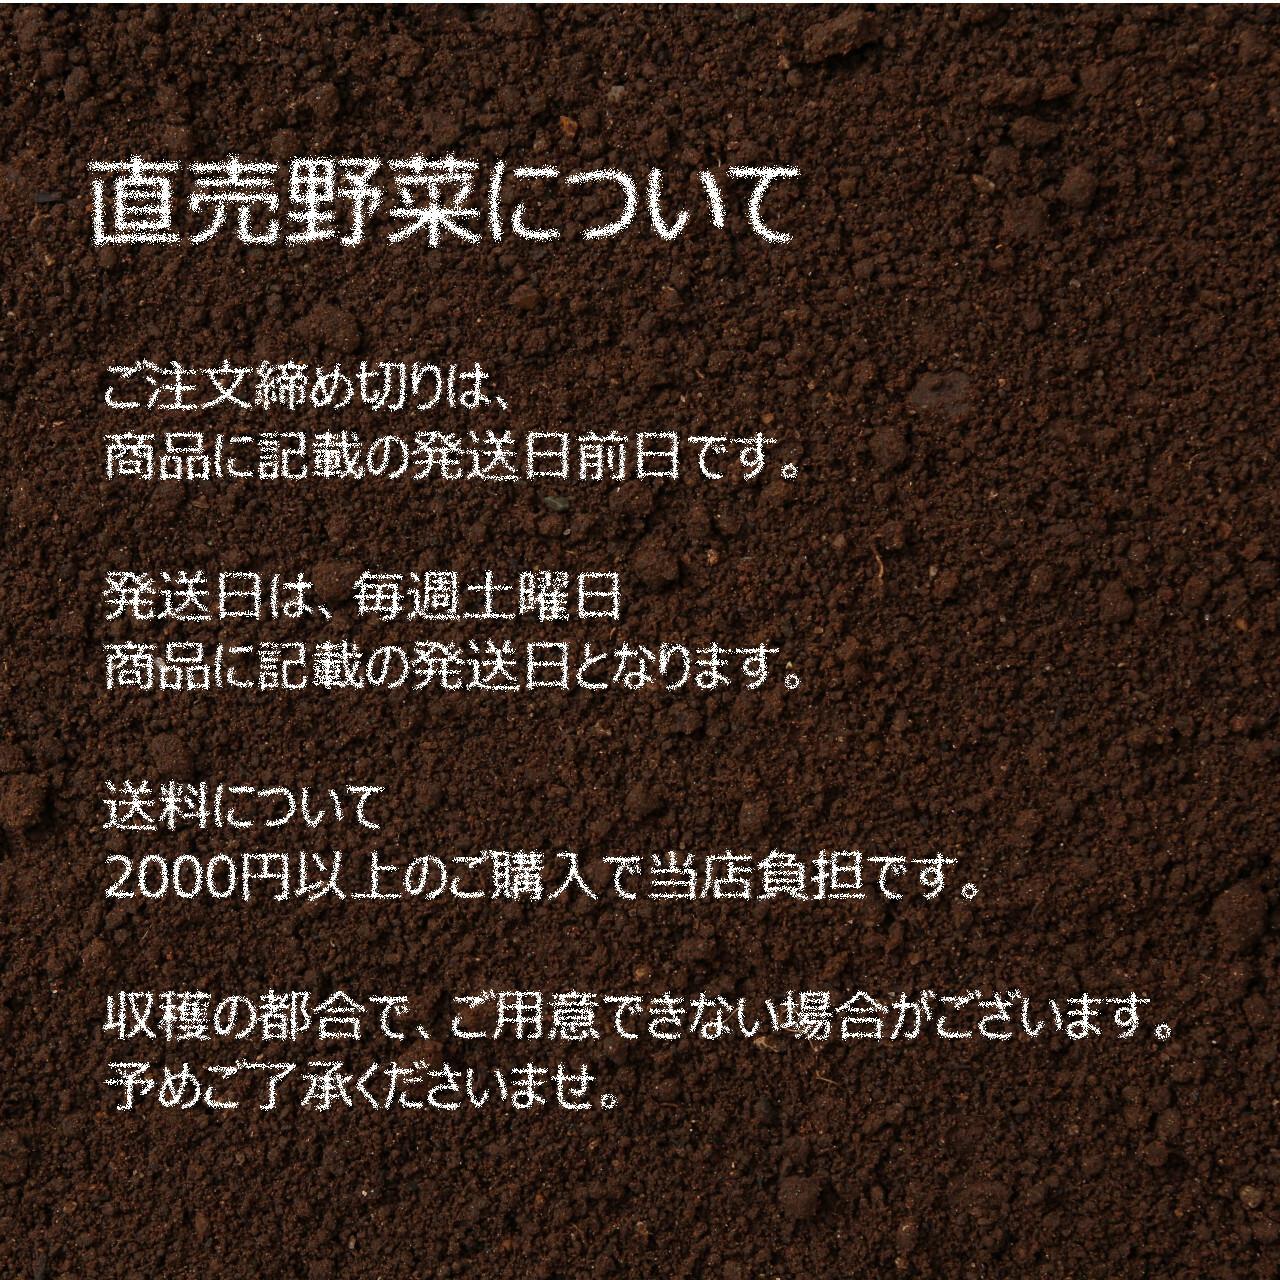 ニンニク 約1~2個 : 6月の朝採り直売野菜 春の新鮮野菜 6月20日発送予定